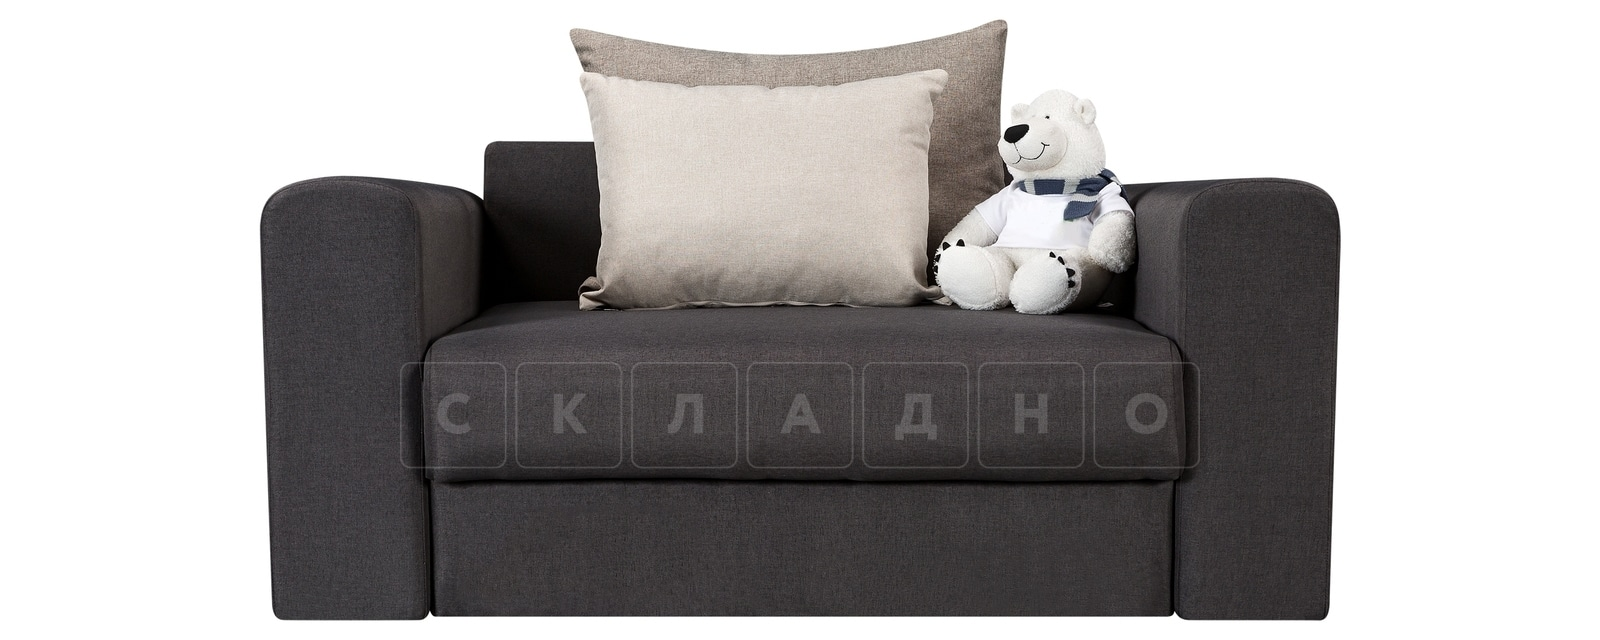 Кресло Медисон 100 см темно-серого цвета фото 2 | интернет-магазин Складно